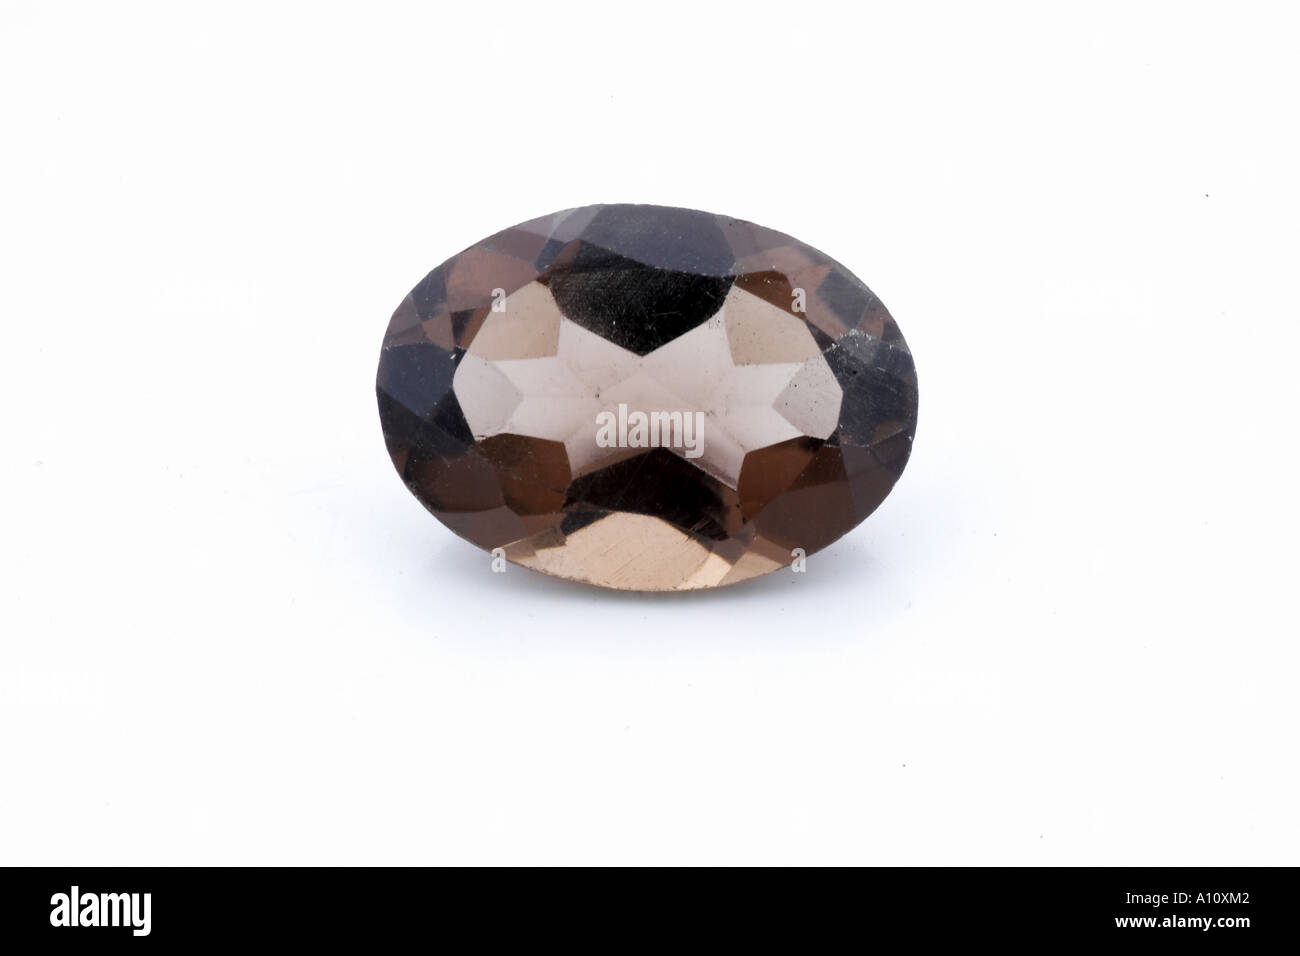 UGA75742 Smokey Topaz Semi Precious Stone on white background - Stock Image